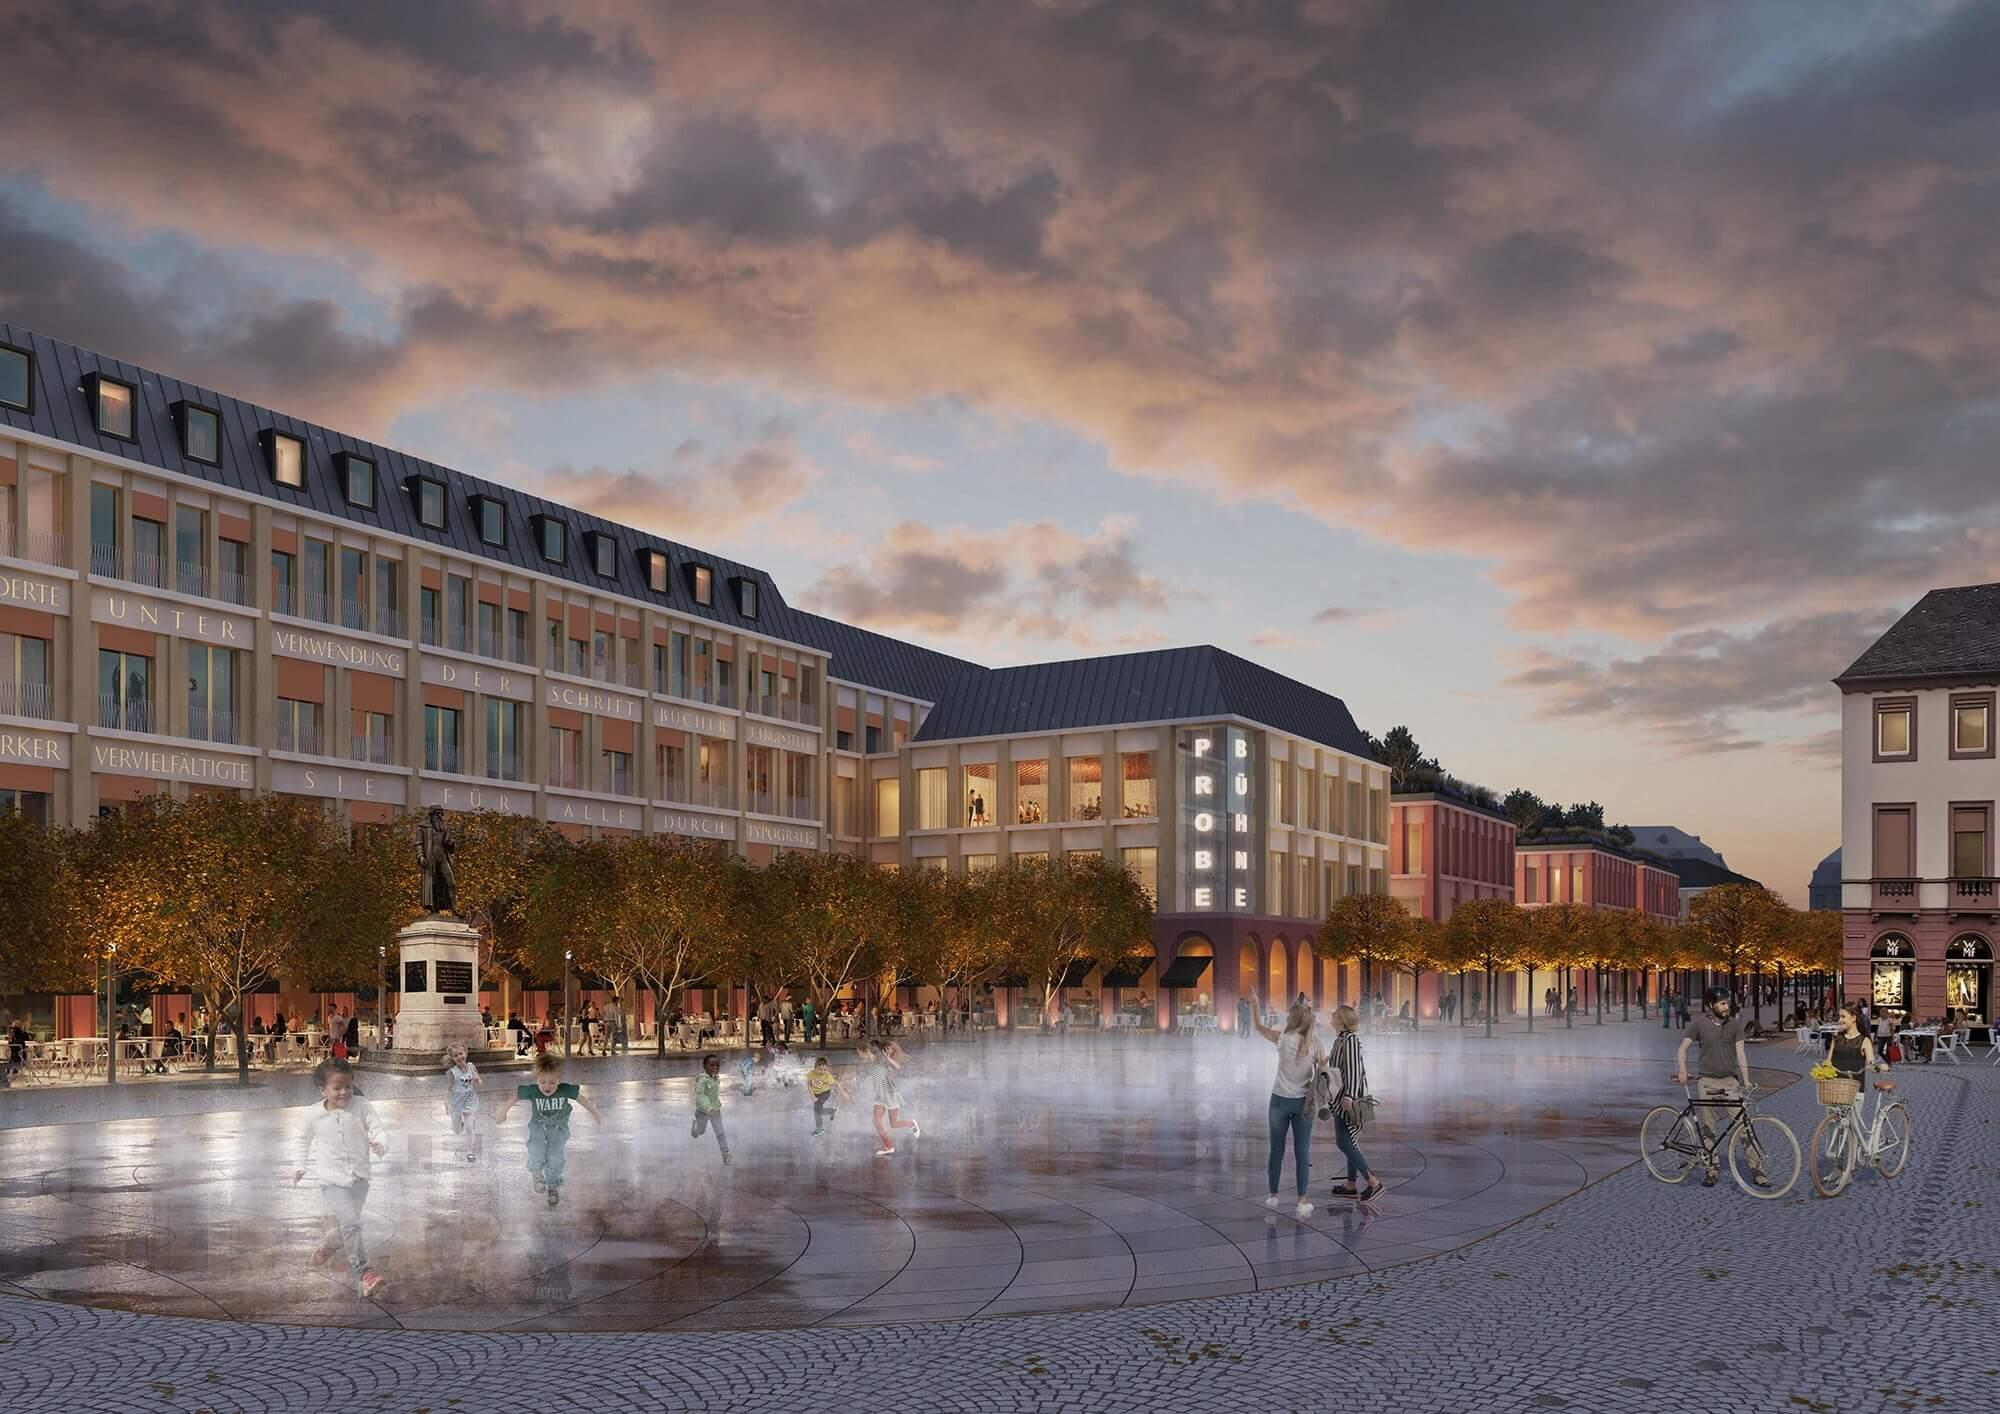 PROMONTORIO recebe 'Special Prize' no Concurso Internacional de Arquitectura na Alemanha